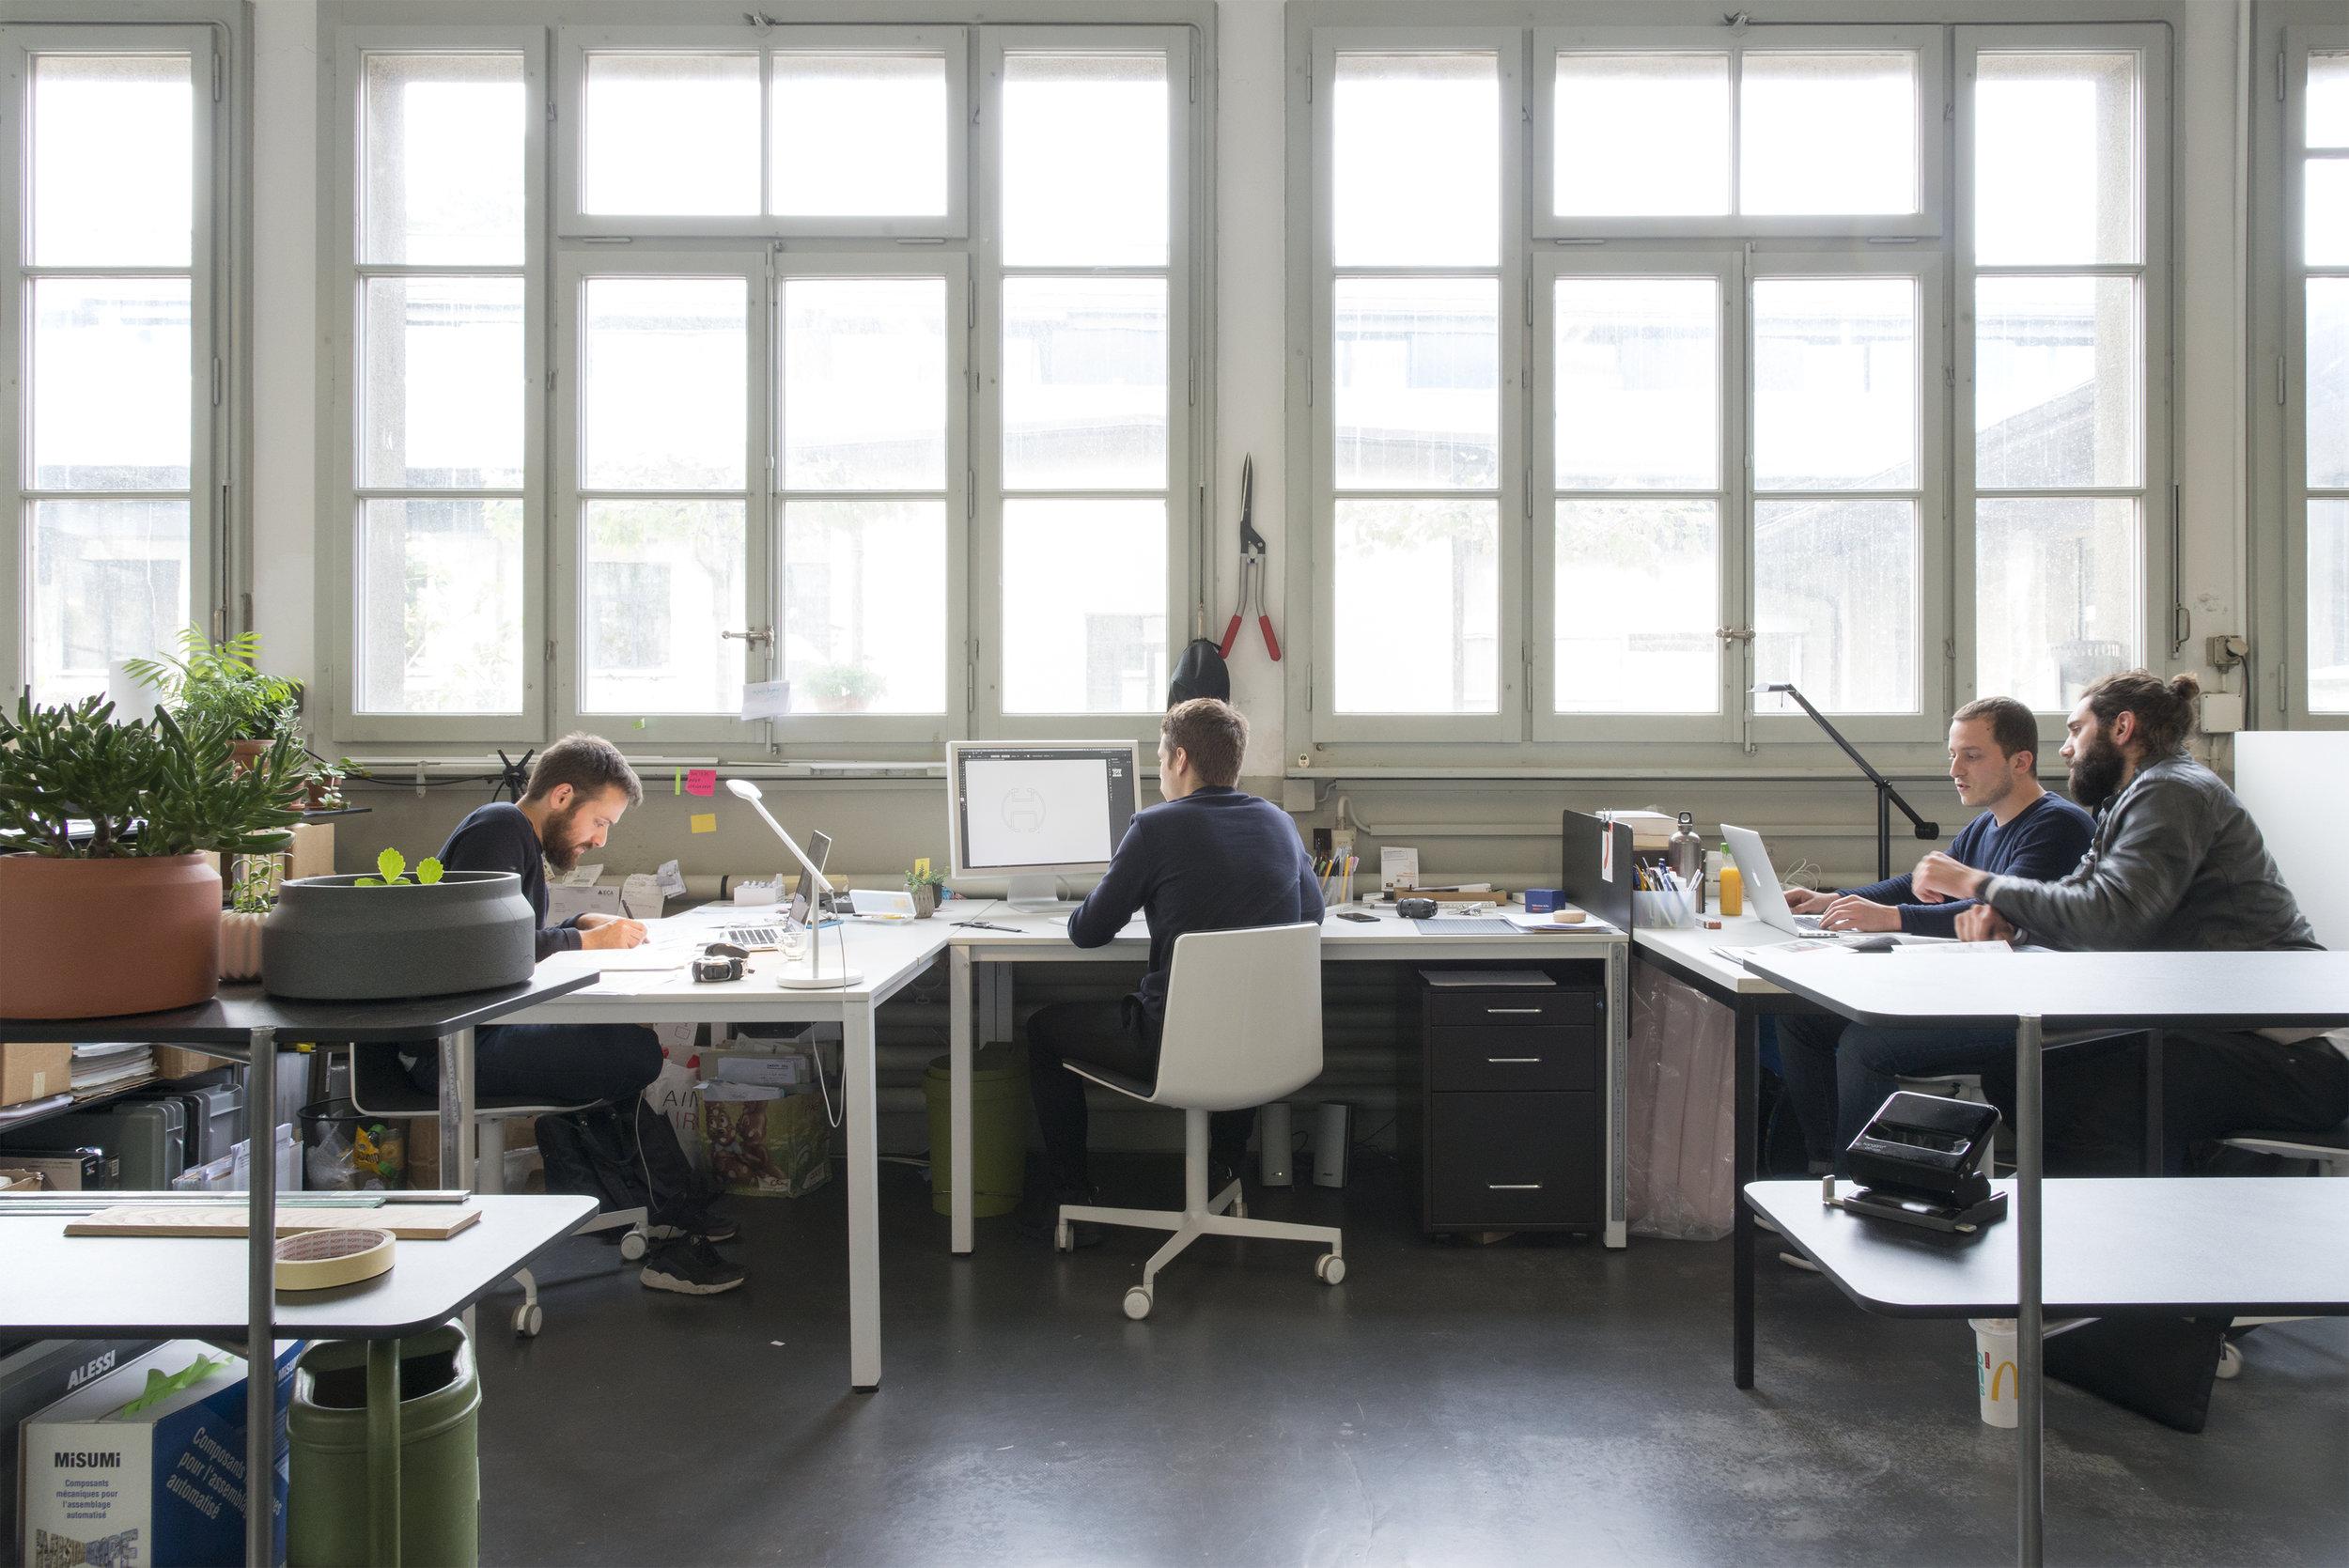 Chaque place de travail individuelle mise à disposition comprend une table, une chaise ainsi qu'une grande étagère de rangement